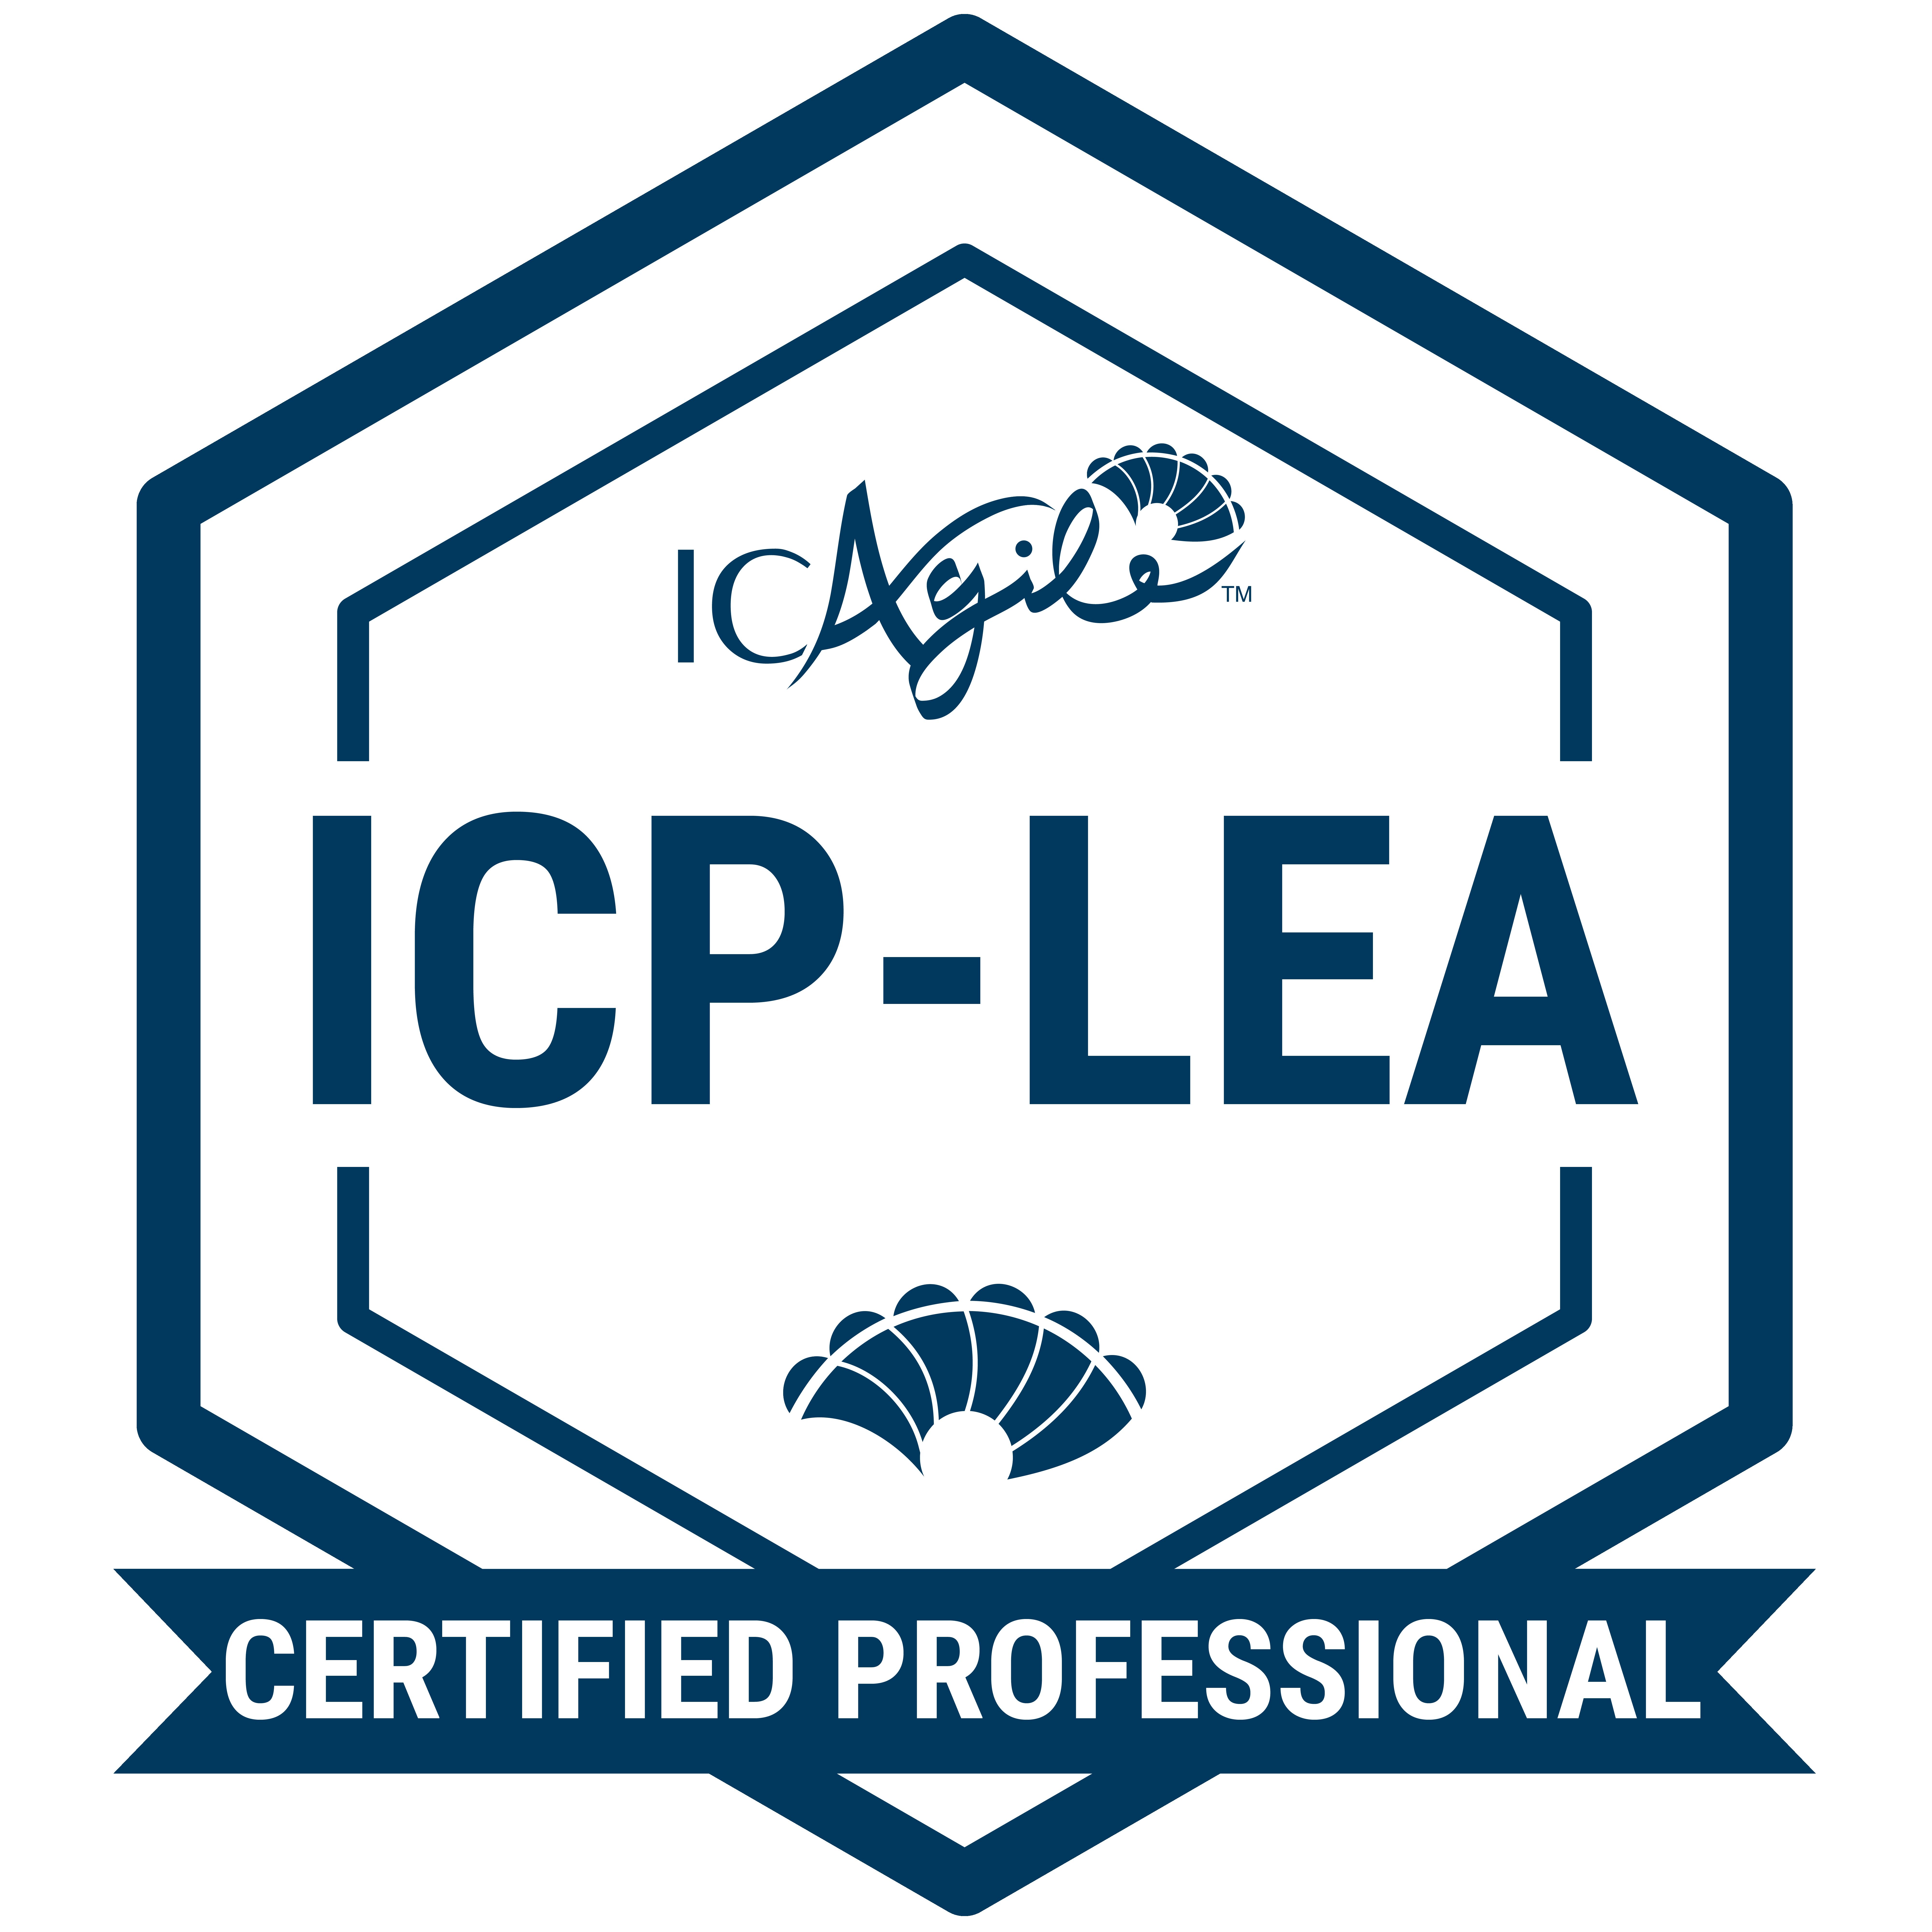 ICP-LEA